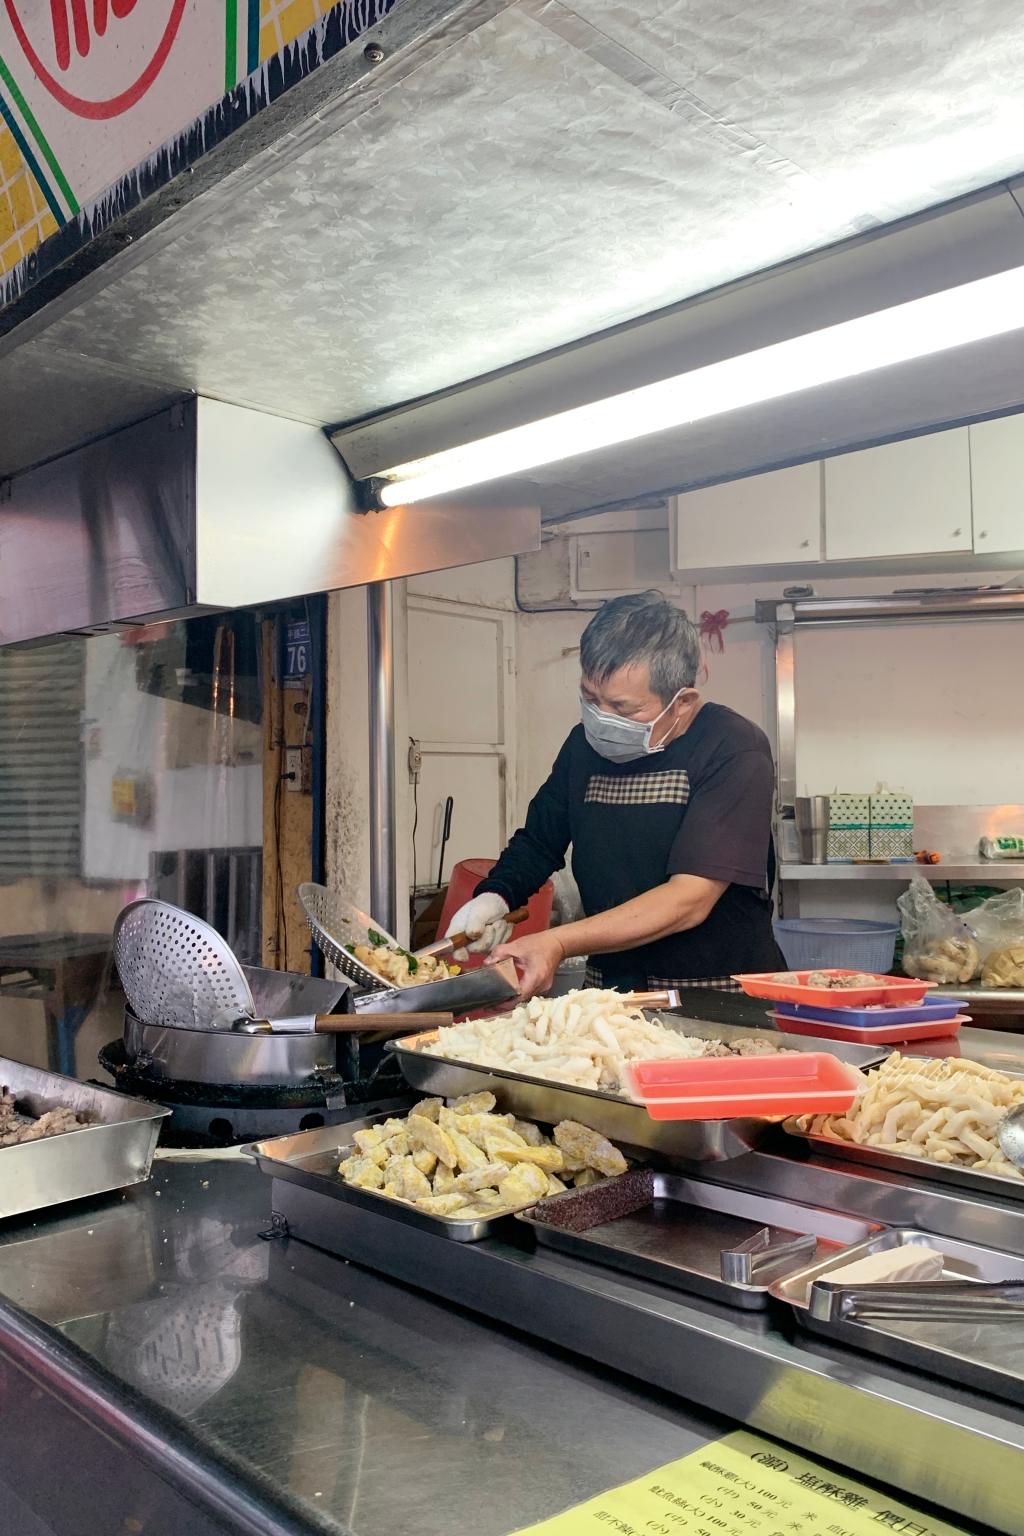 【台中北屯】源鹹酥雞:昌平路在地20年的老店,鹽酥雞不油不膩CP值高 @飛天璇的口袋